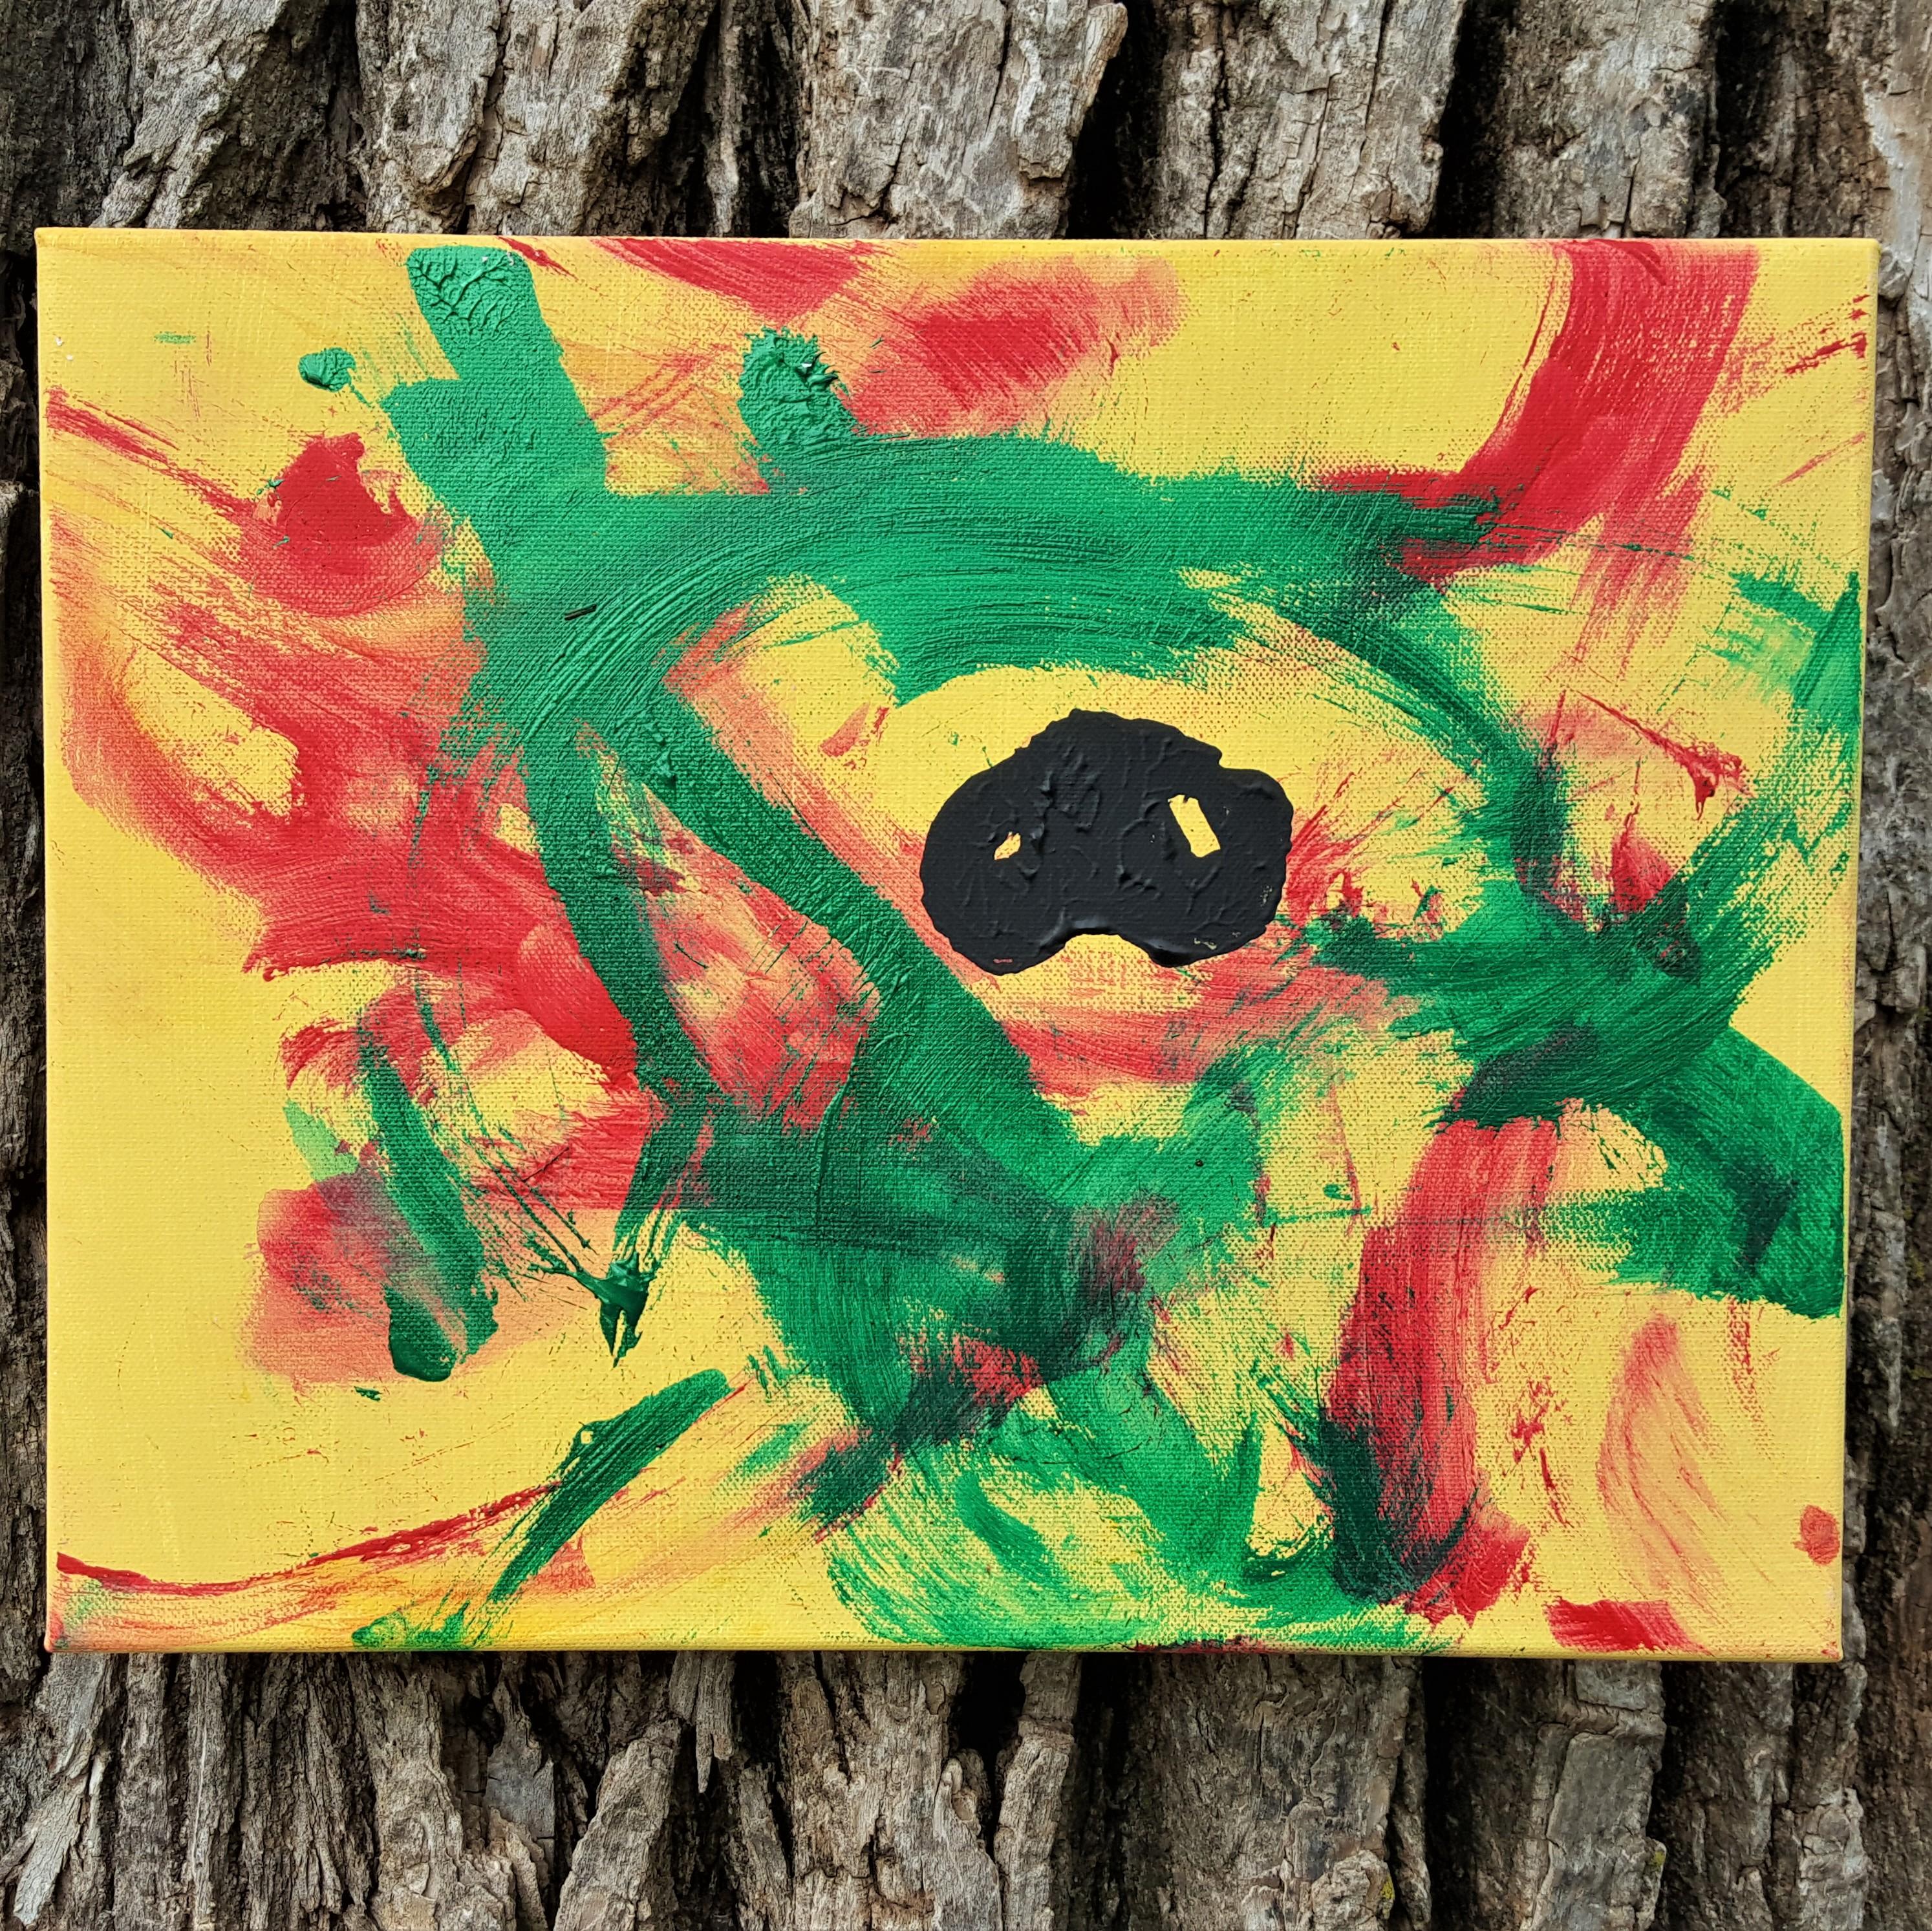 Snout Art Painting Pigs pig art